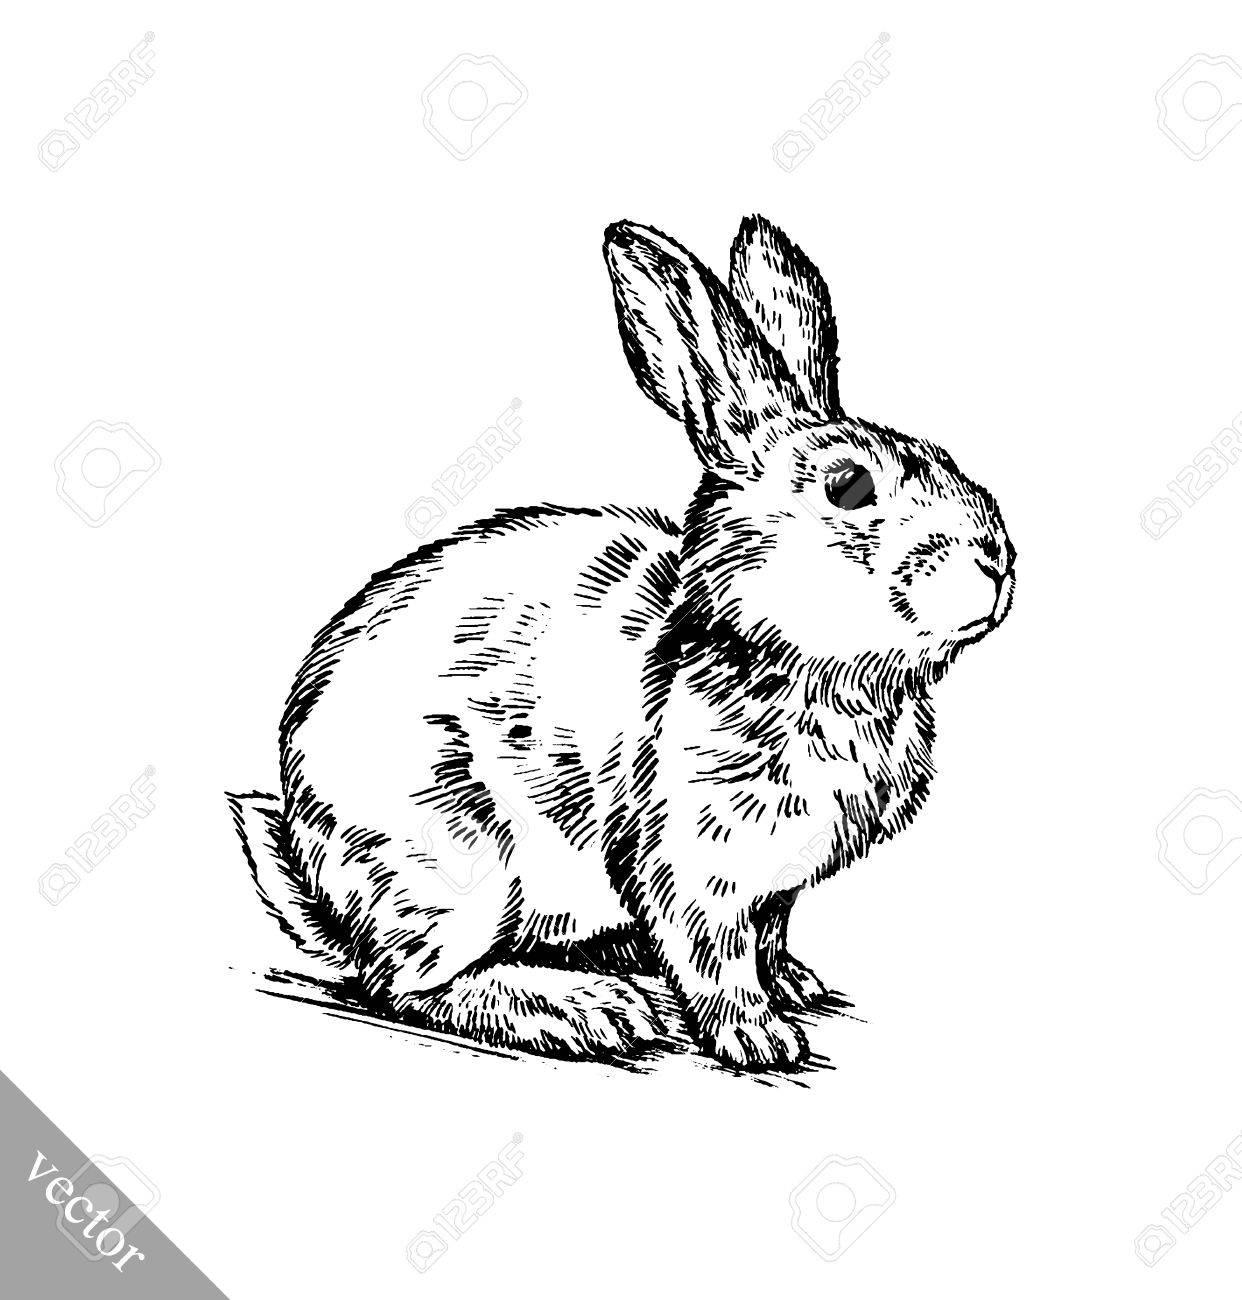 Zwart en wit vector borstel het schilderen inkt tekenen geïsoleerd konijn illustratie